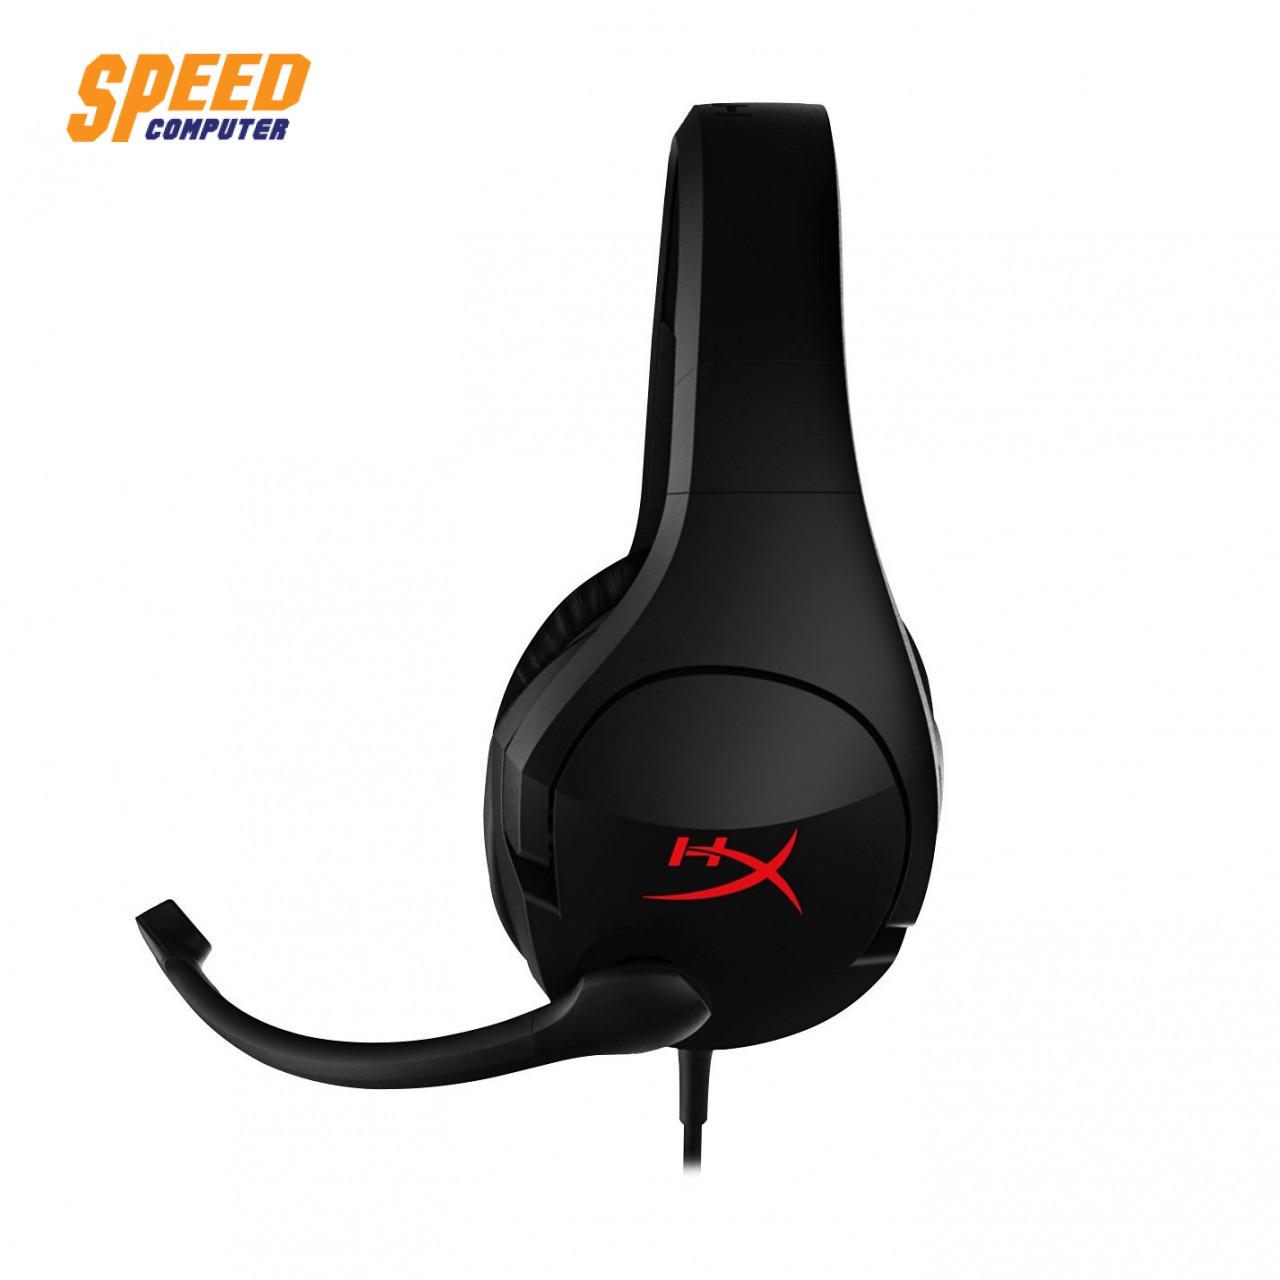 HX-HSCS-BK/AS